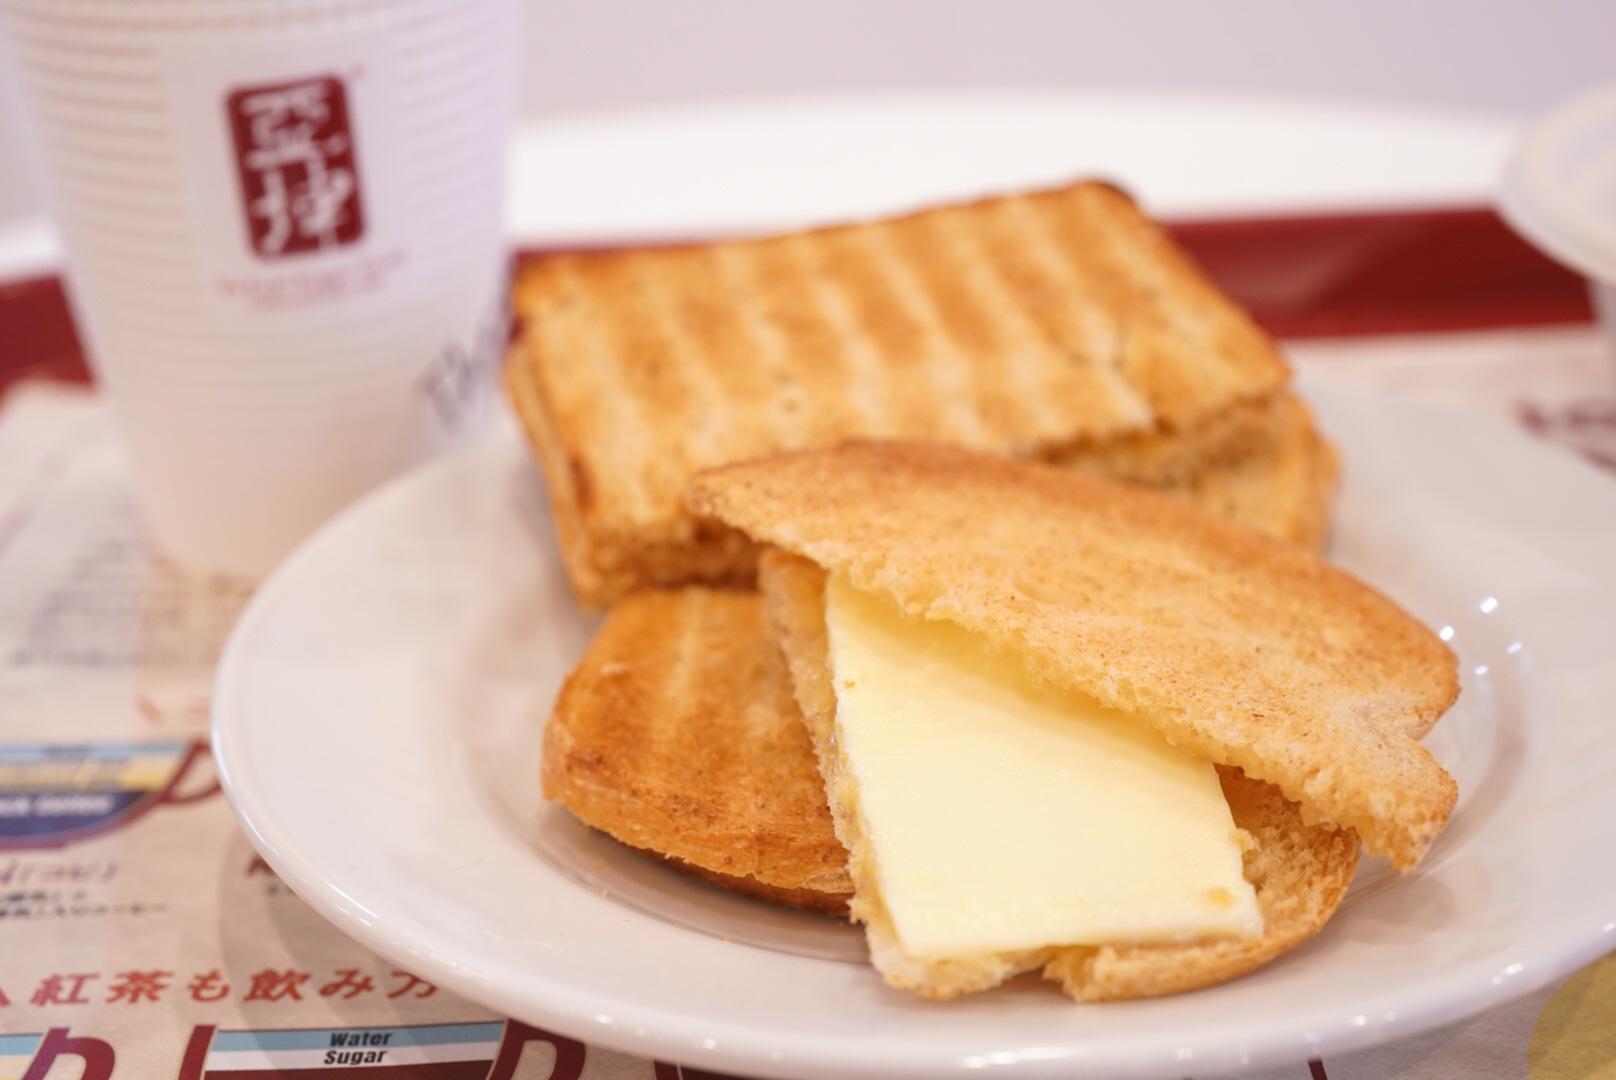 ヤクン・カヤトーストのカヤトースト・バター